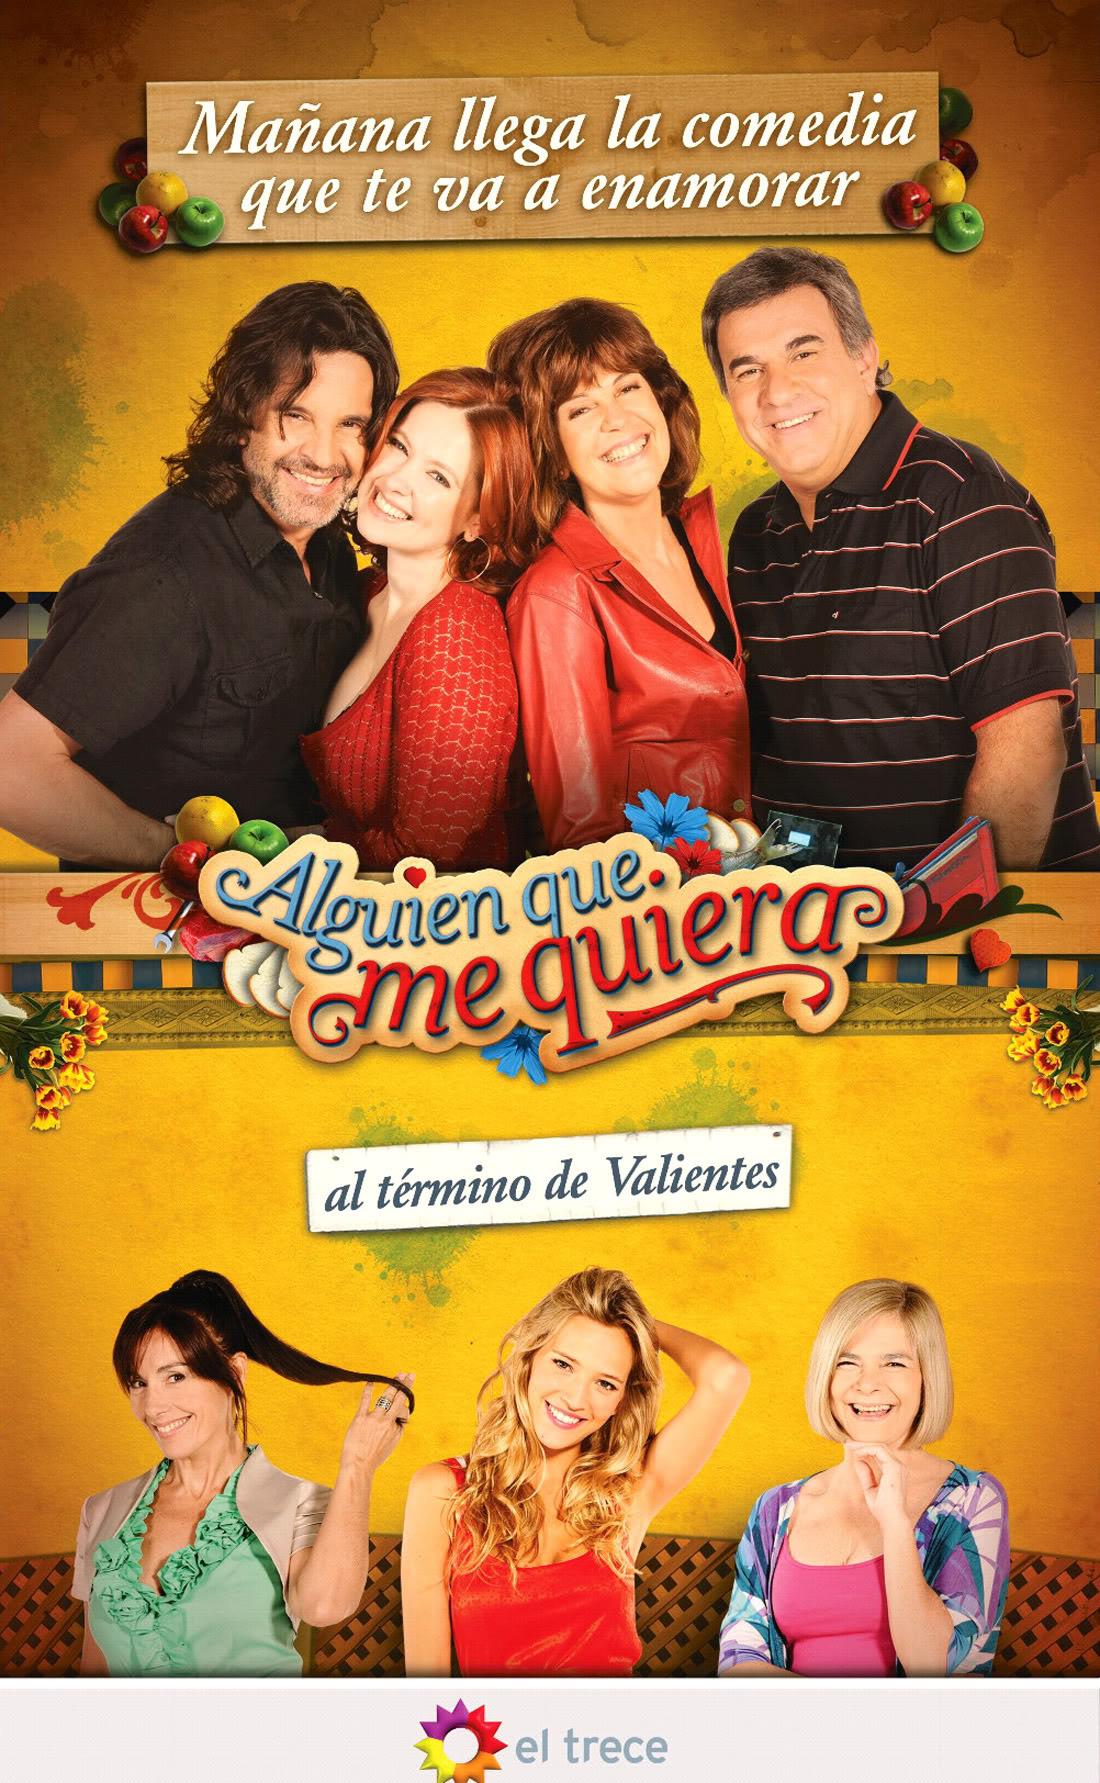 Afiche 31/01 - Mañana llega la comedia que te va a enamorar Aqmq_afiche_310110